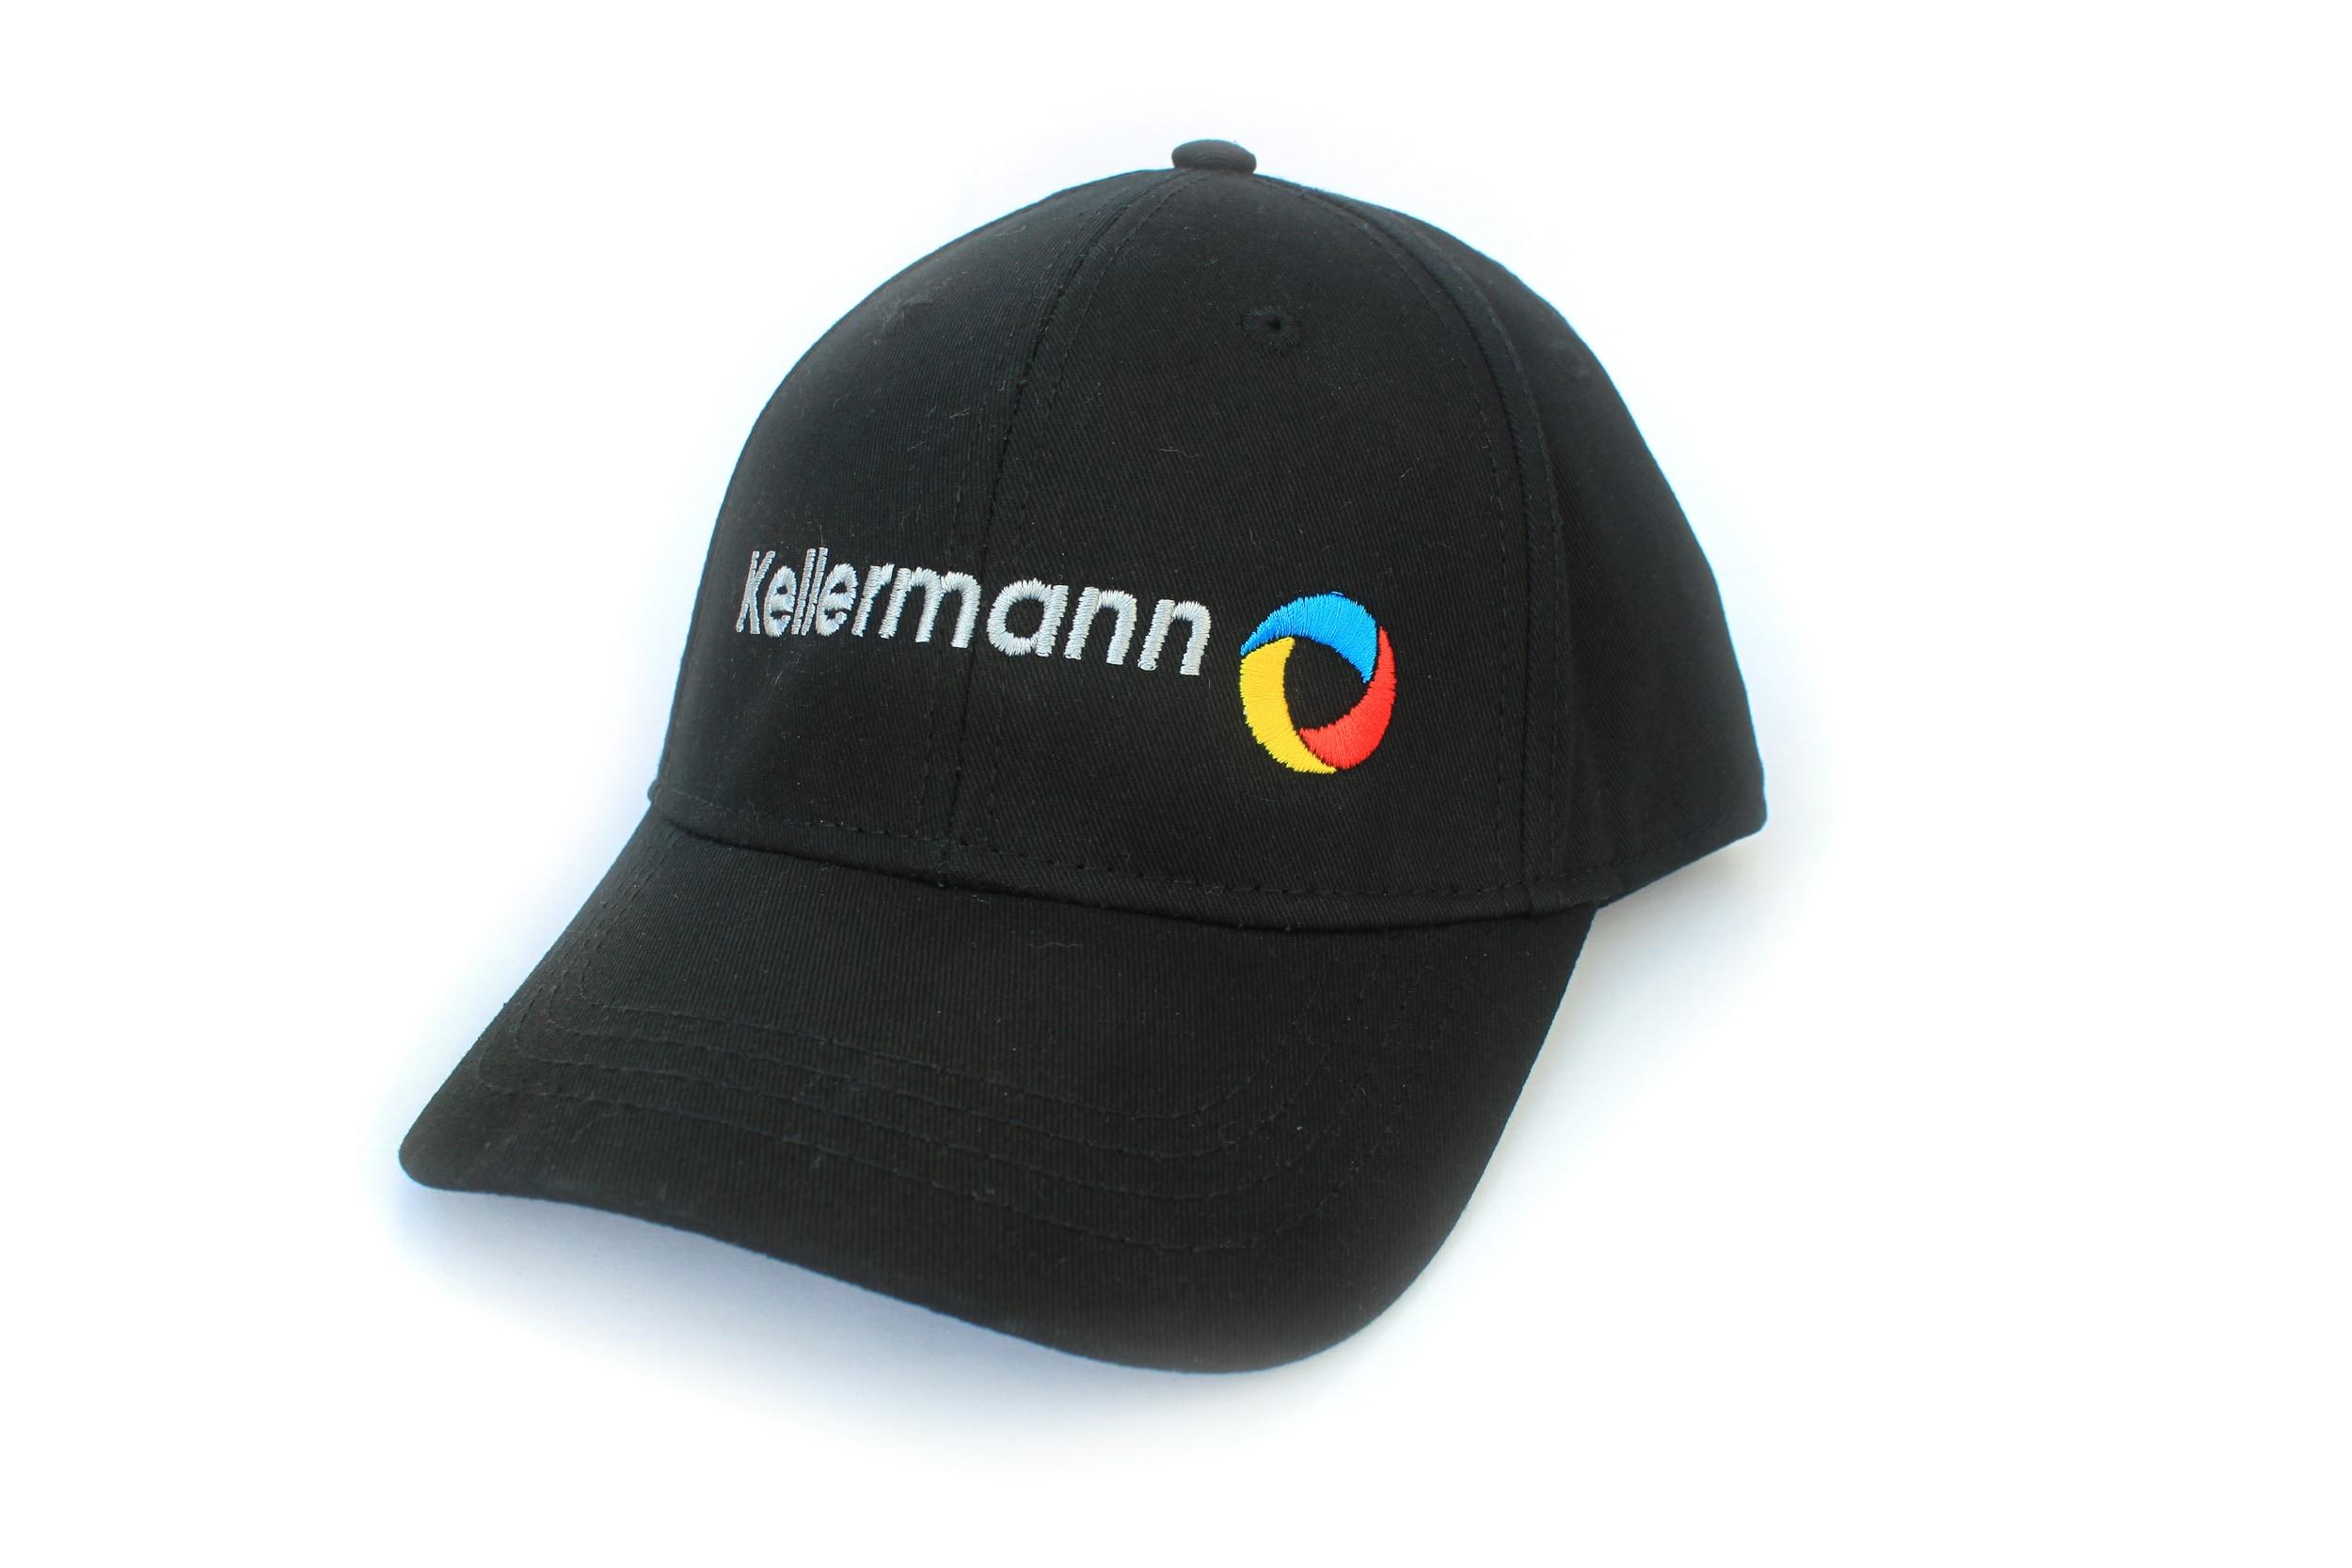 Kellermann Basecap